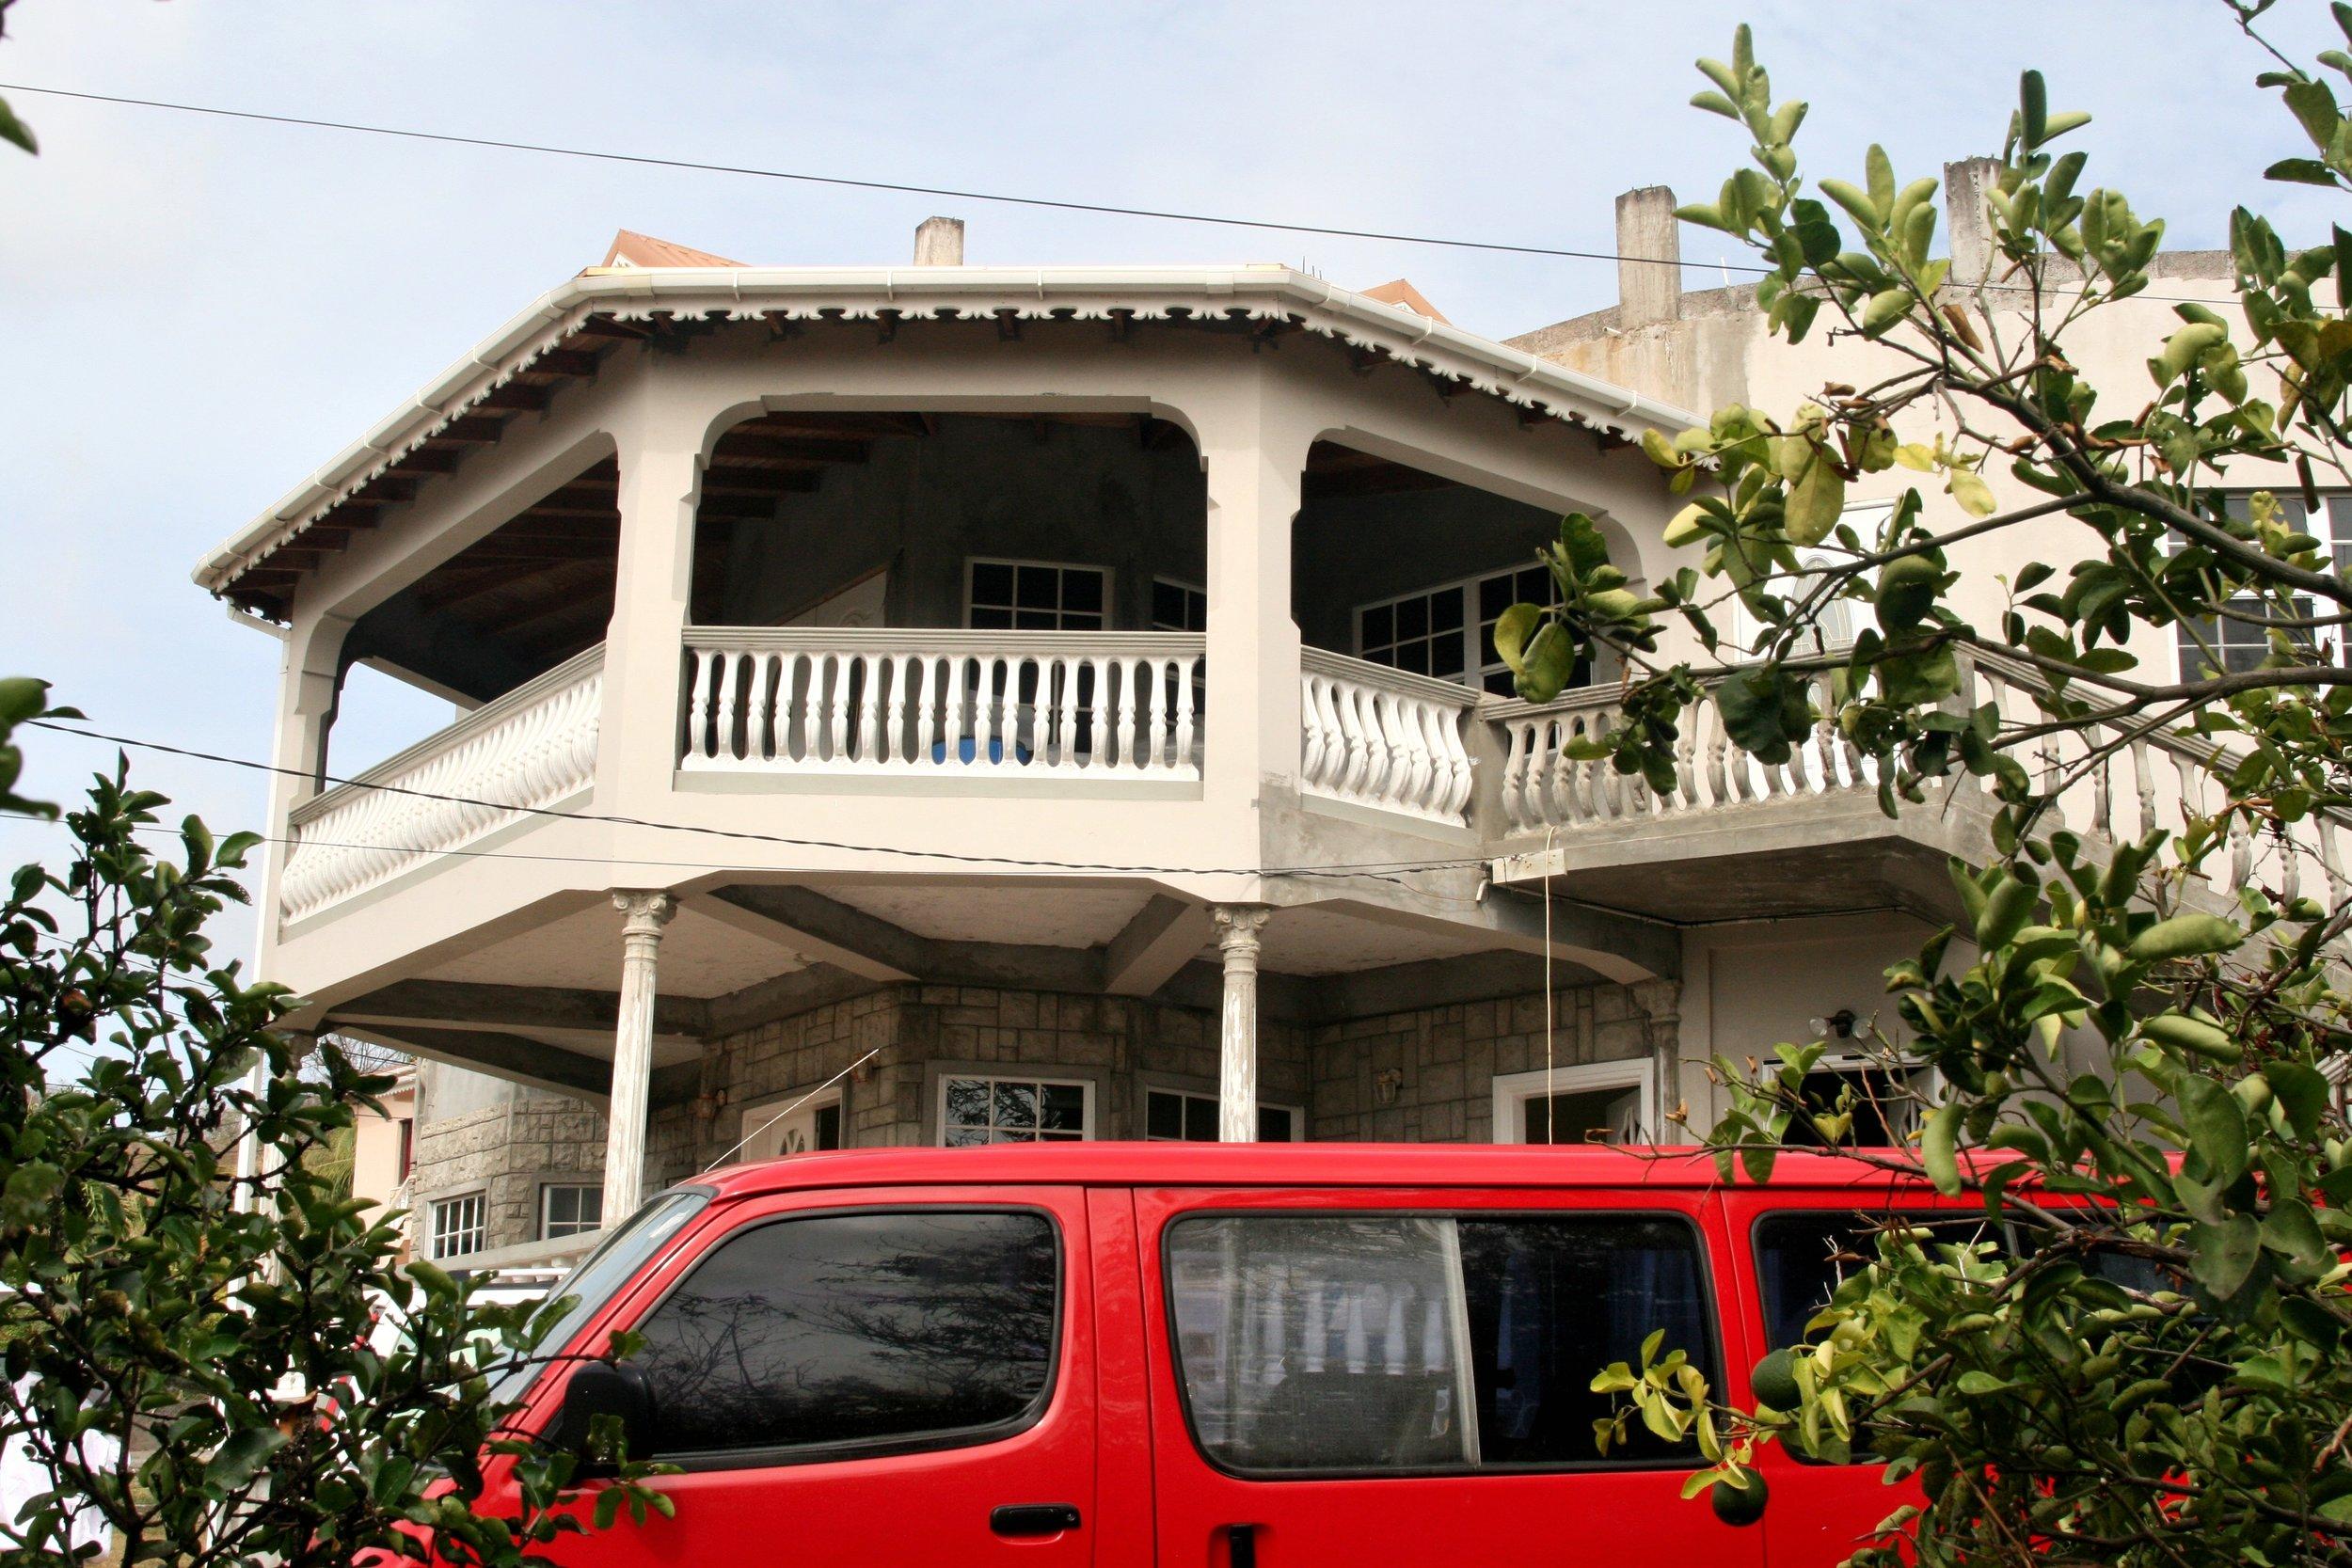 Grenada House Red Van .jpg